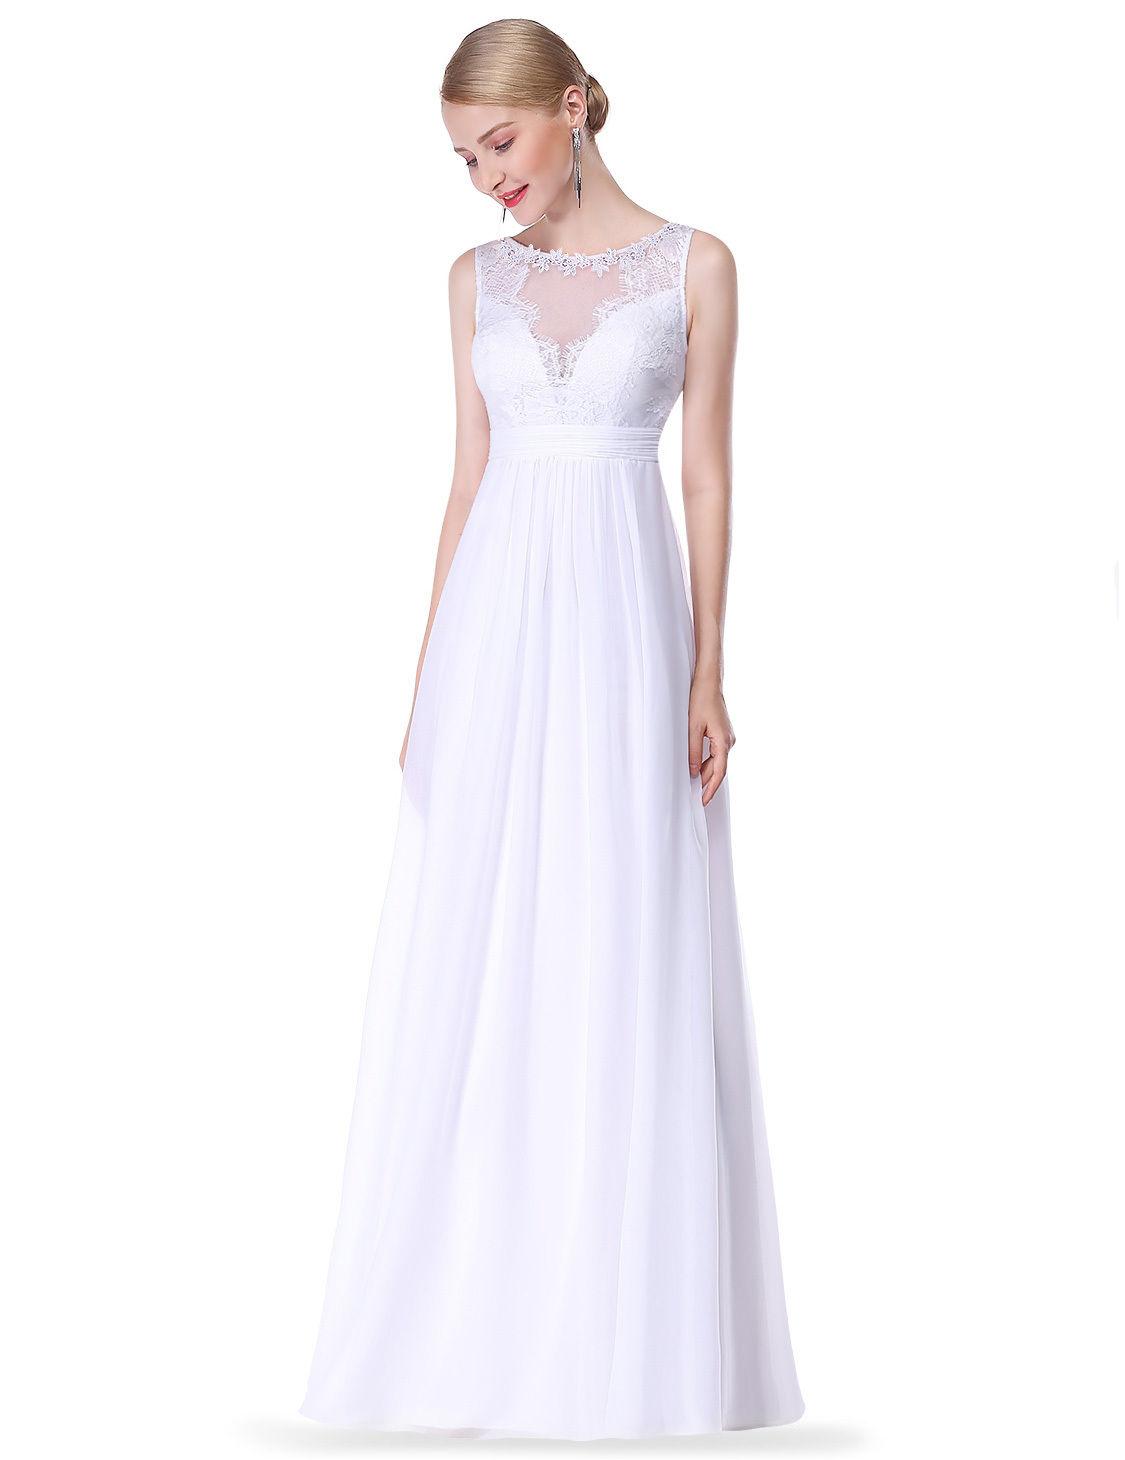 Jednoduché svatební šaty i pro starší nevěsty  702c59c798